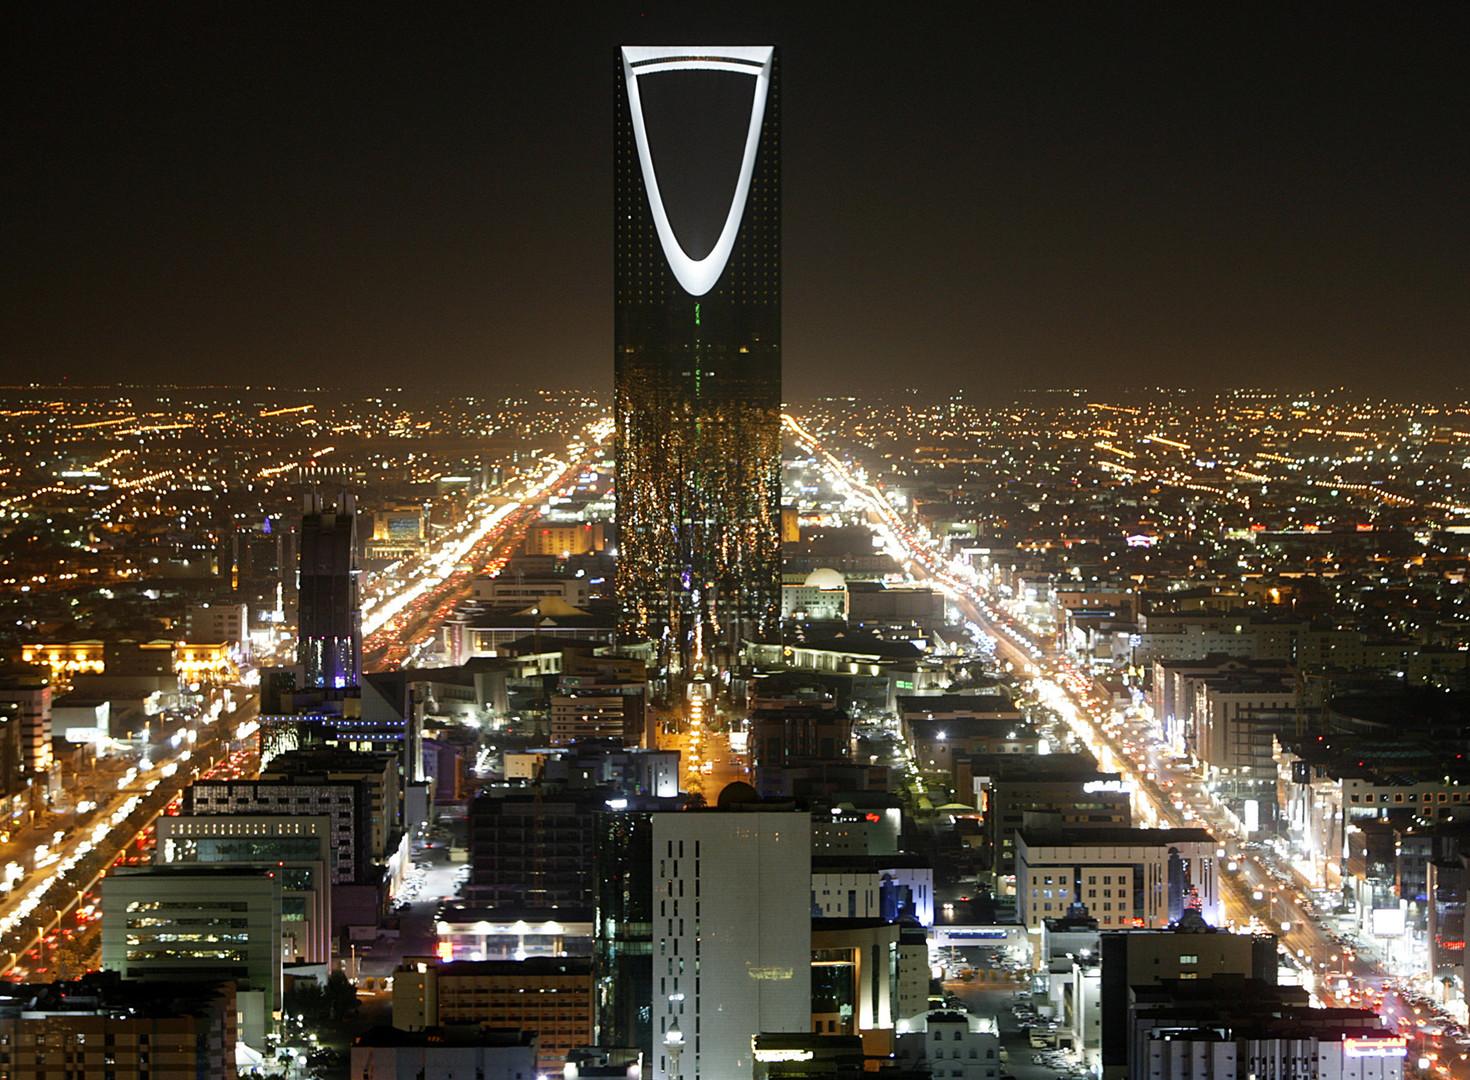 السعودية تطلق التأشيرة الإلكترونية لتعزيز قطاع السياحة